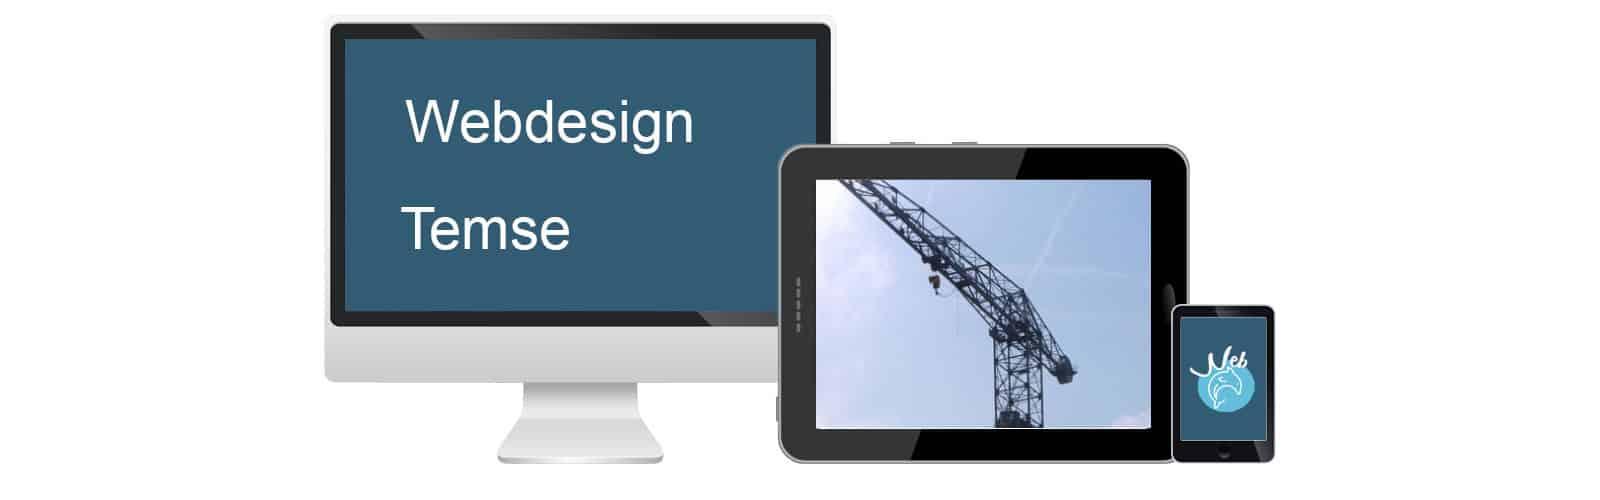 Webdesign Temse - webdolfijn